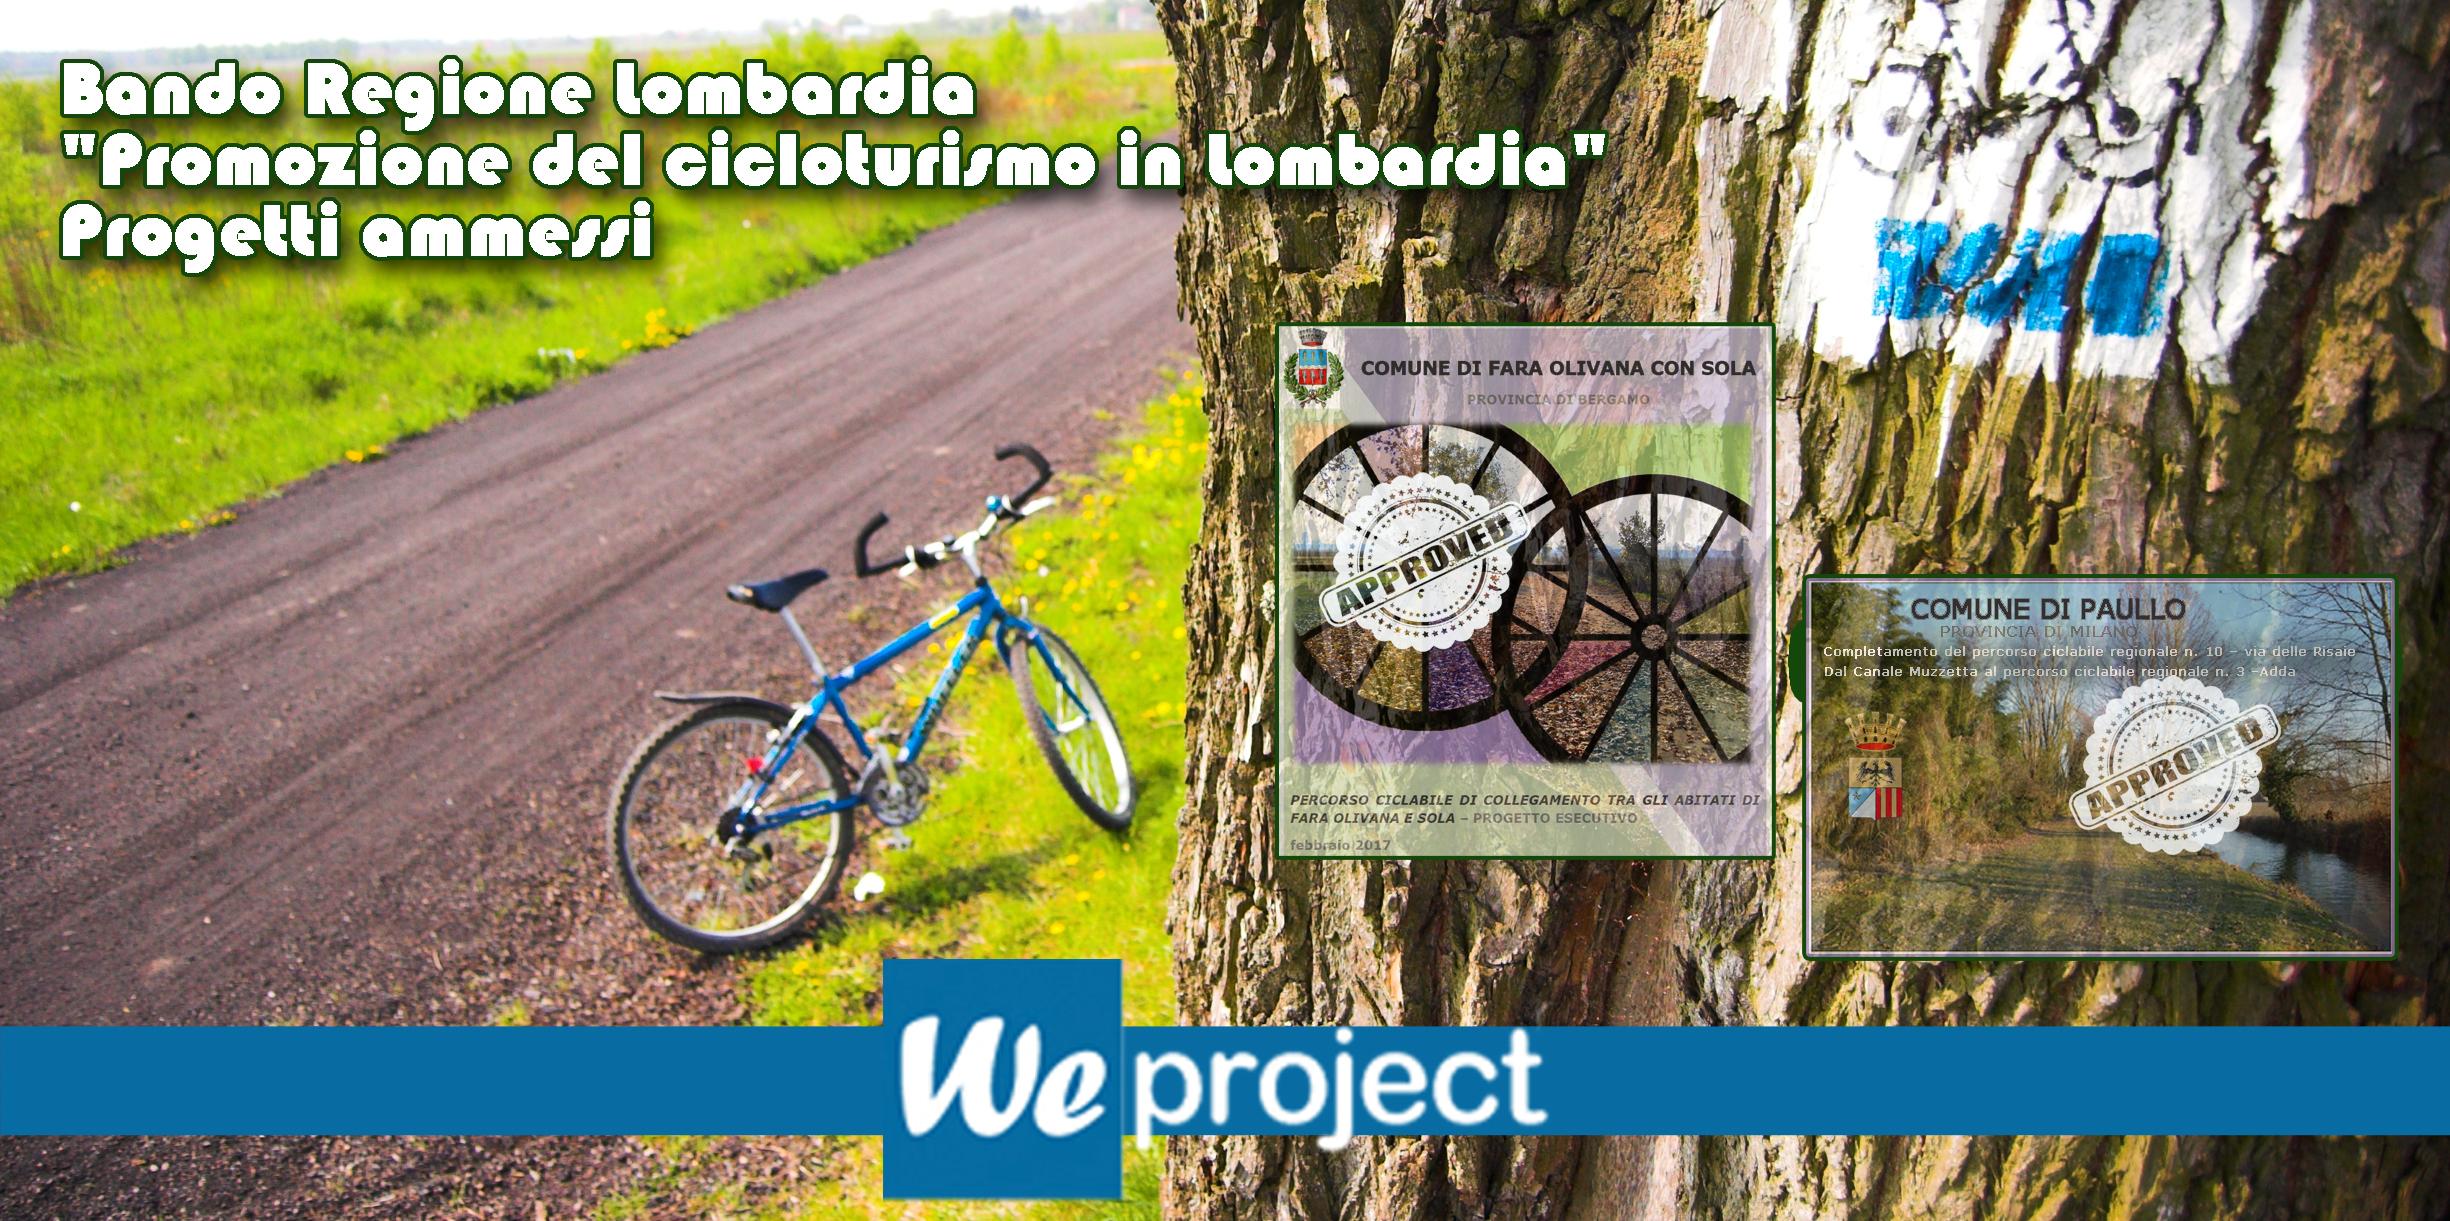 """Bando """"Promozione del cicloturismo in Lombardia"""" - piste ciclabili"""